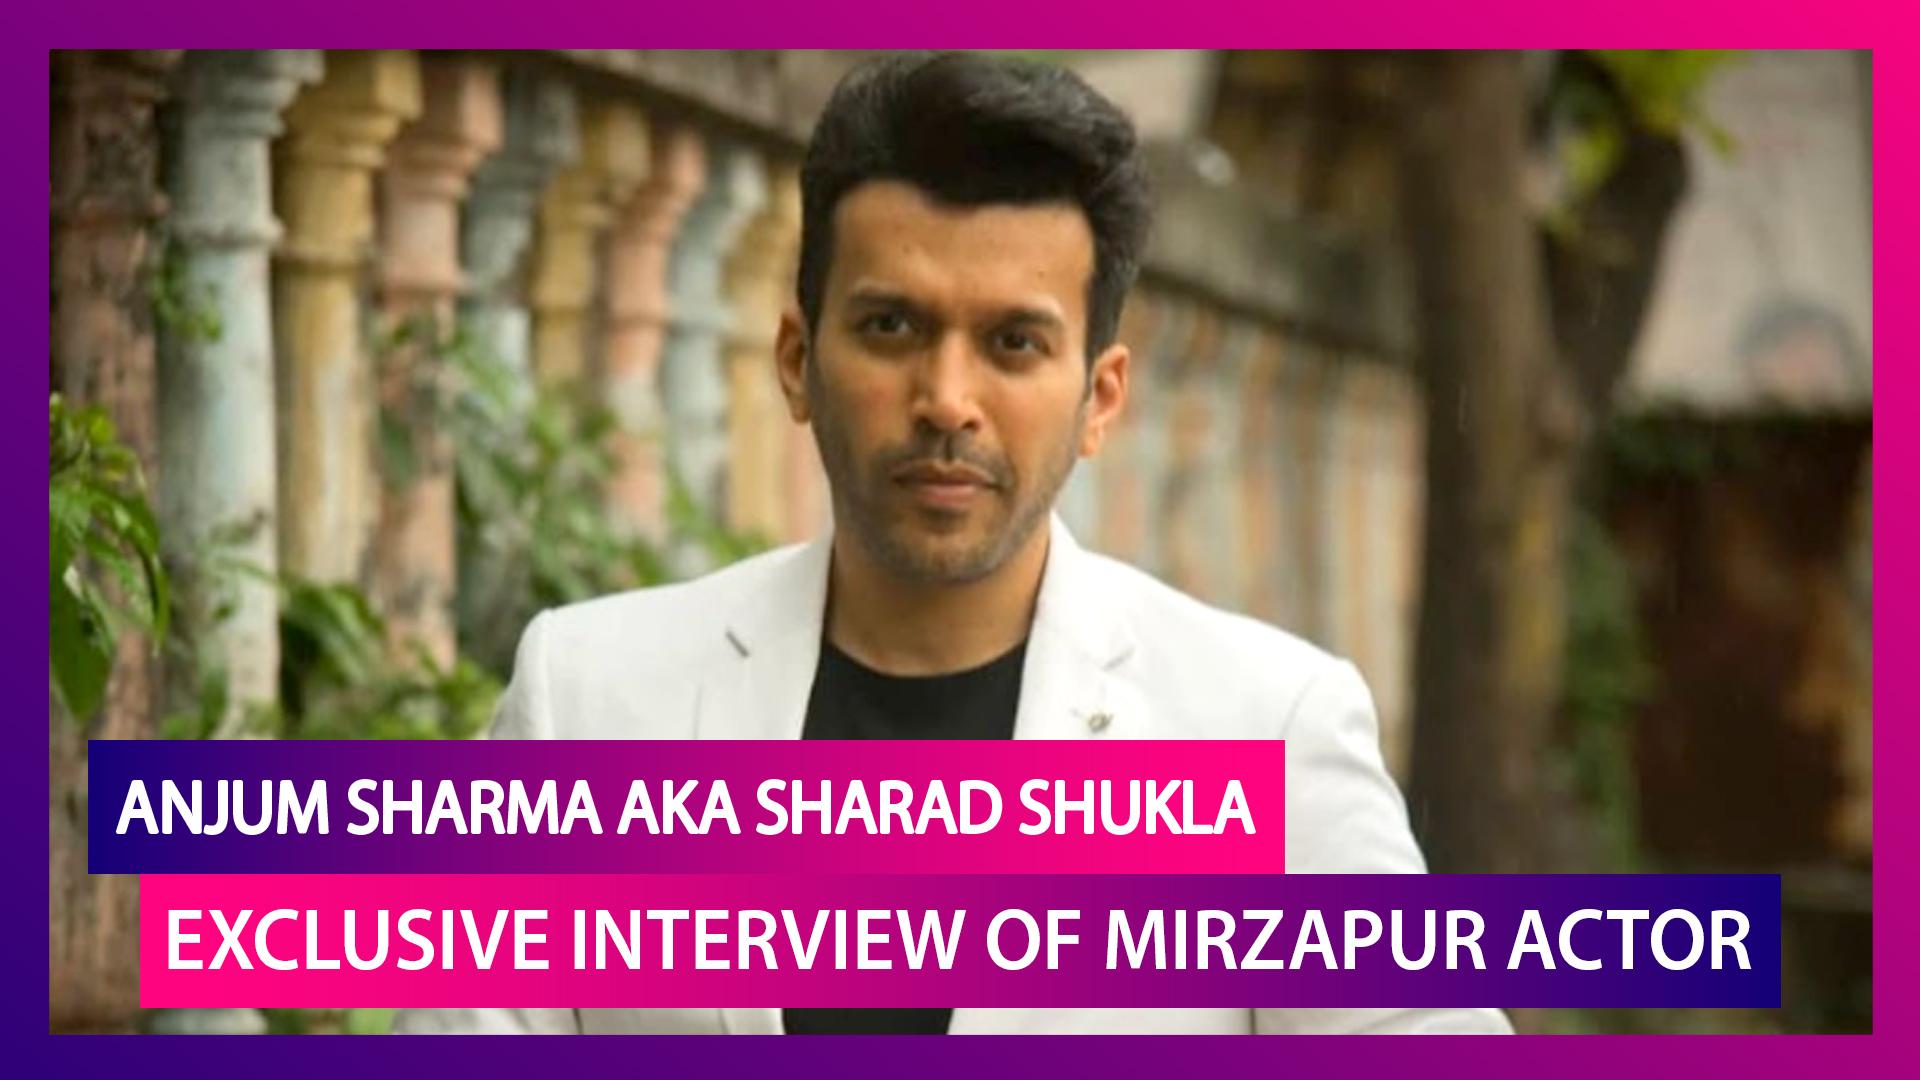 Anjum Sharma on Acting: 'Choices Kam Hain Fir Bhi Karna Wo Hai Jo Dil Ko Acha Lagta Hai' | Mirzapur